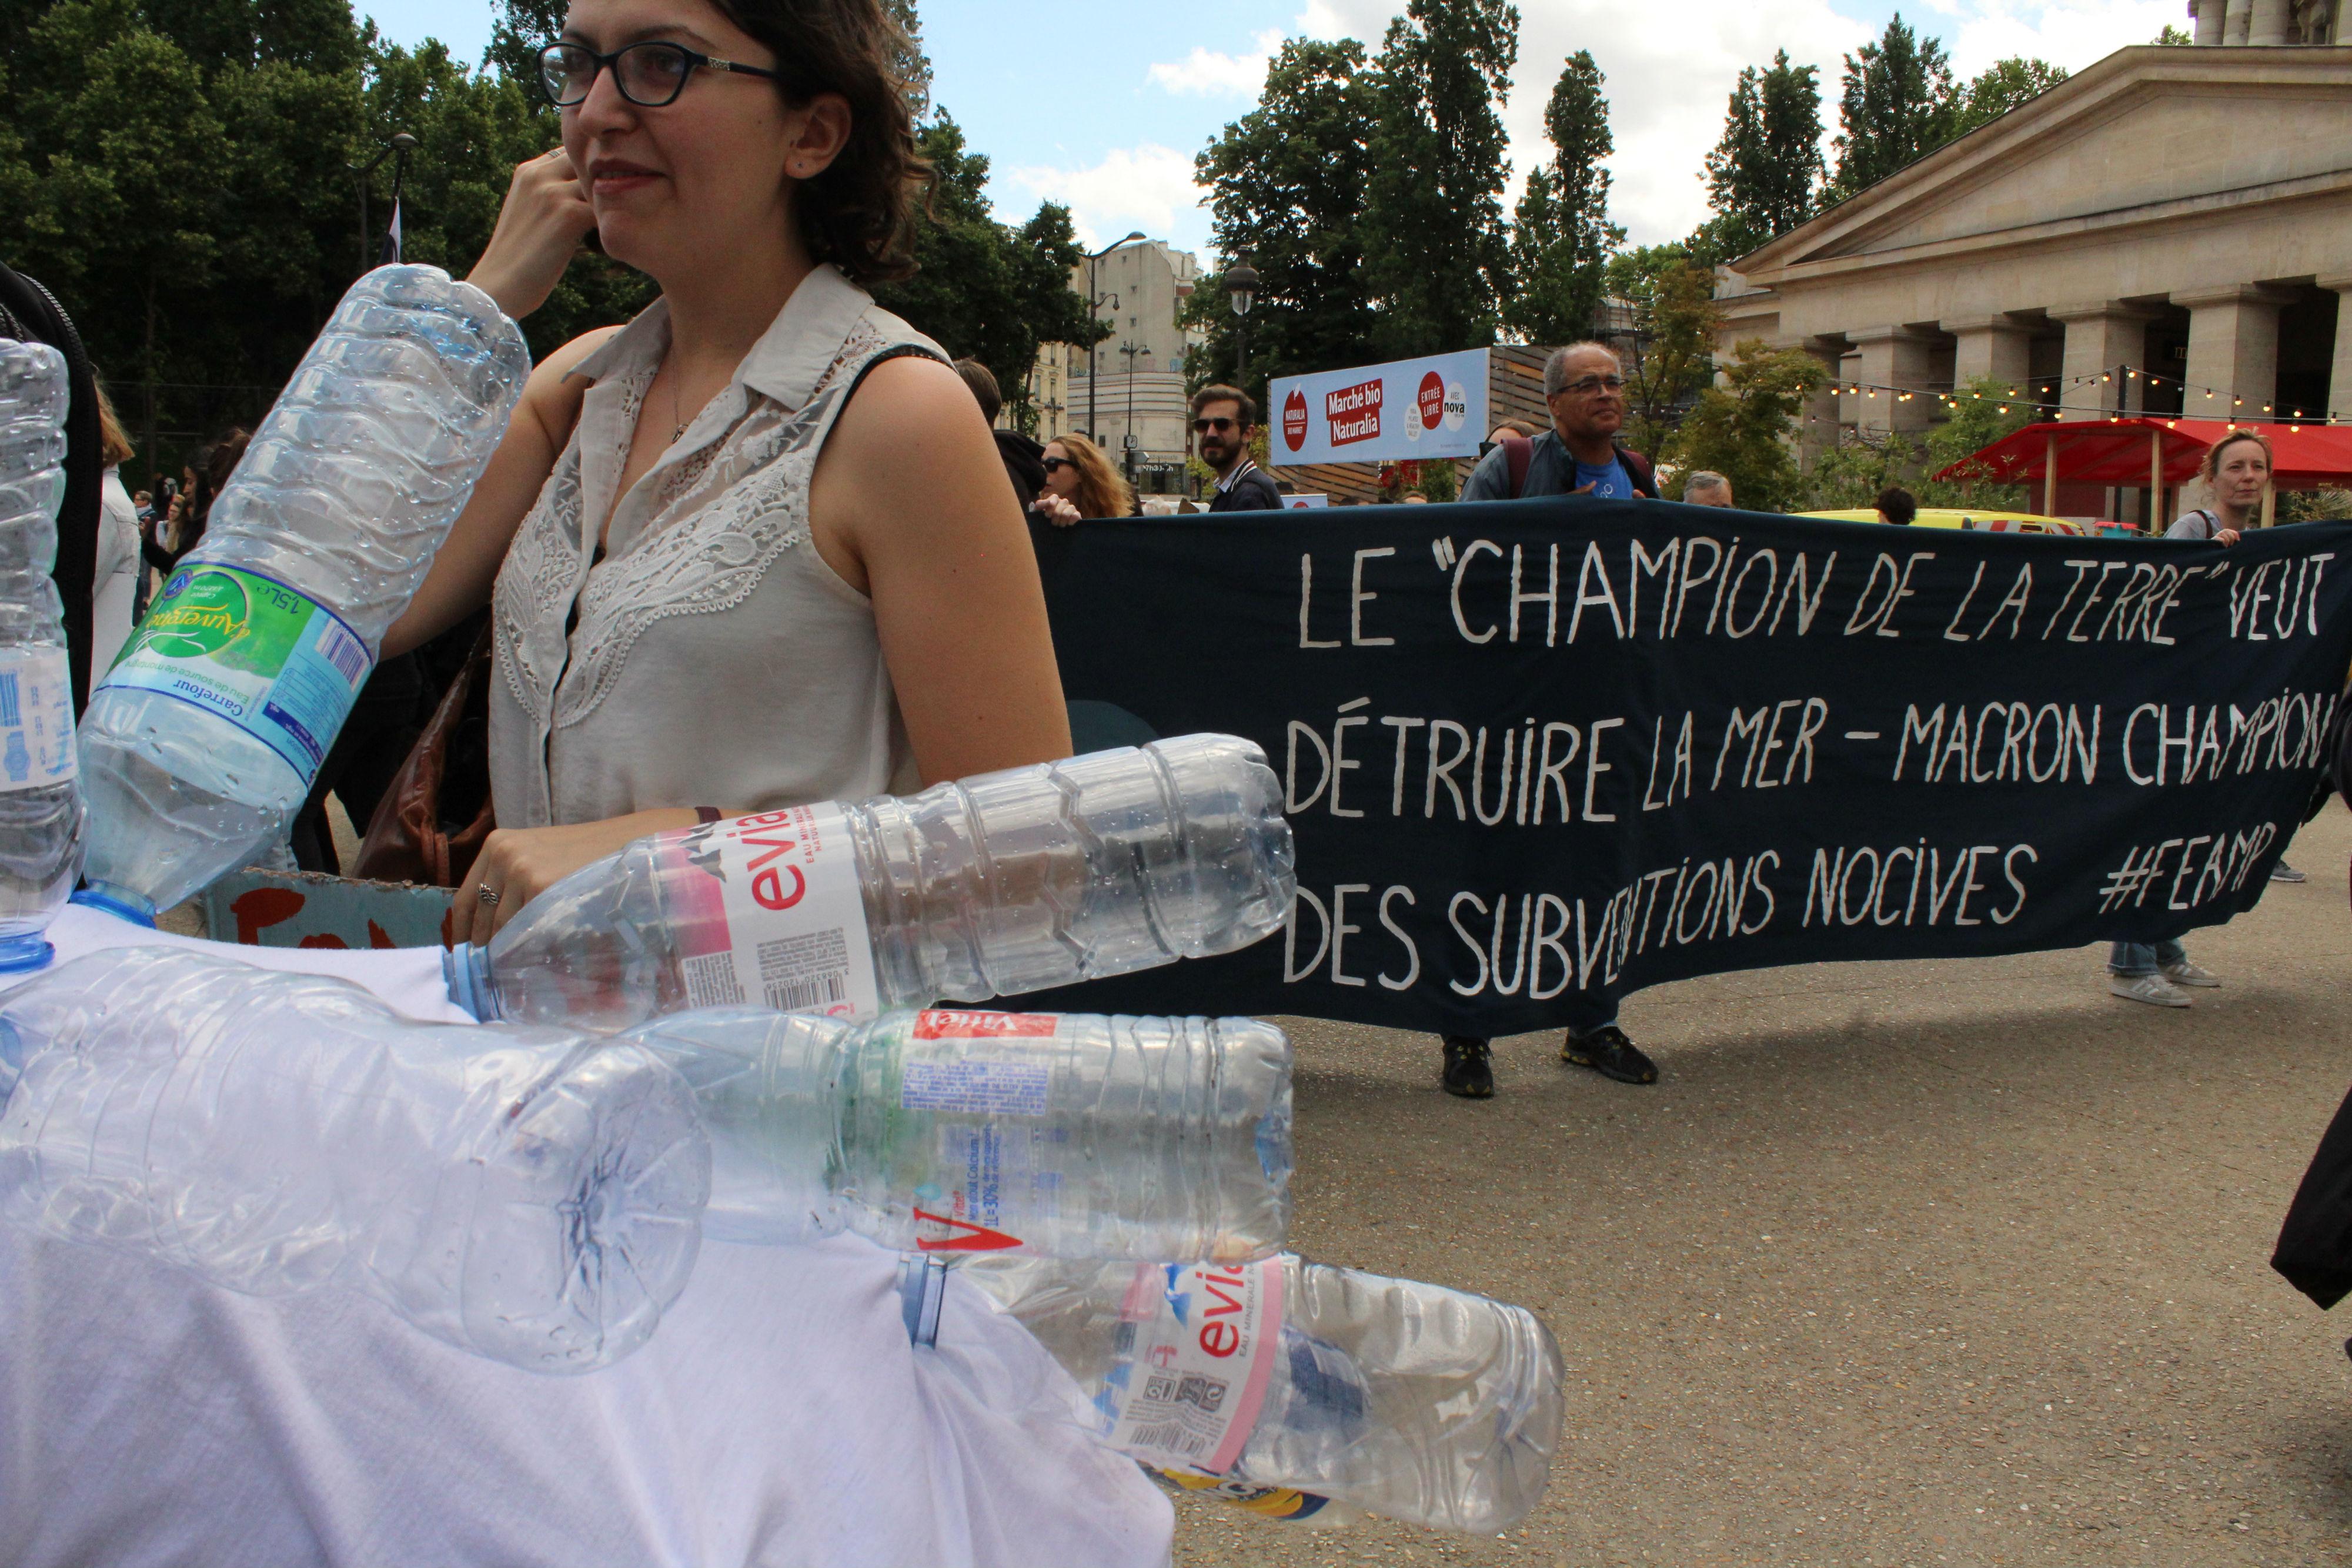 Une bannière dénonçait la politique du président de la République / ©Cypriane El-Chami